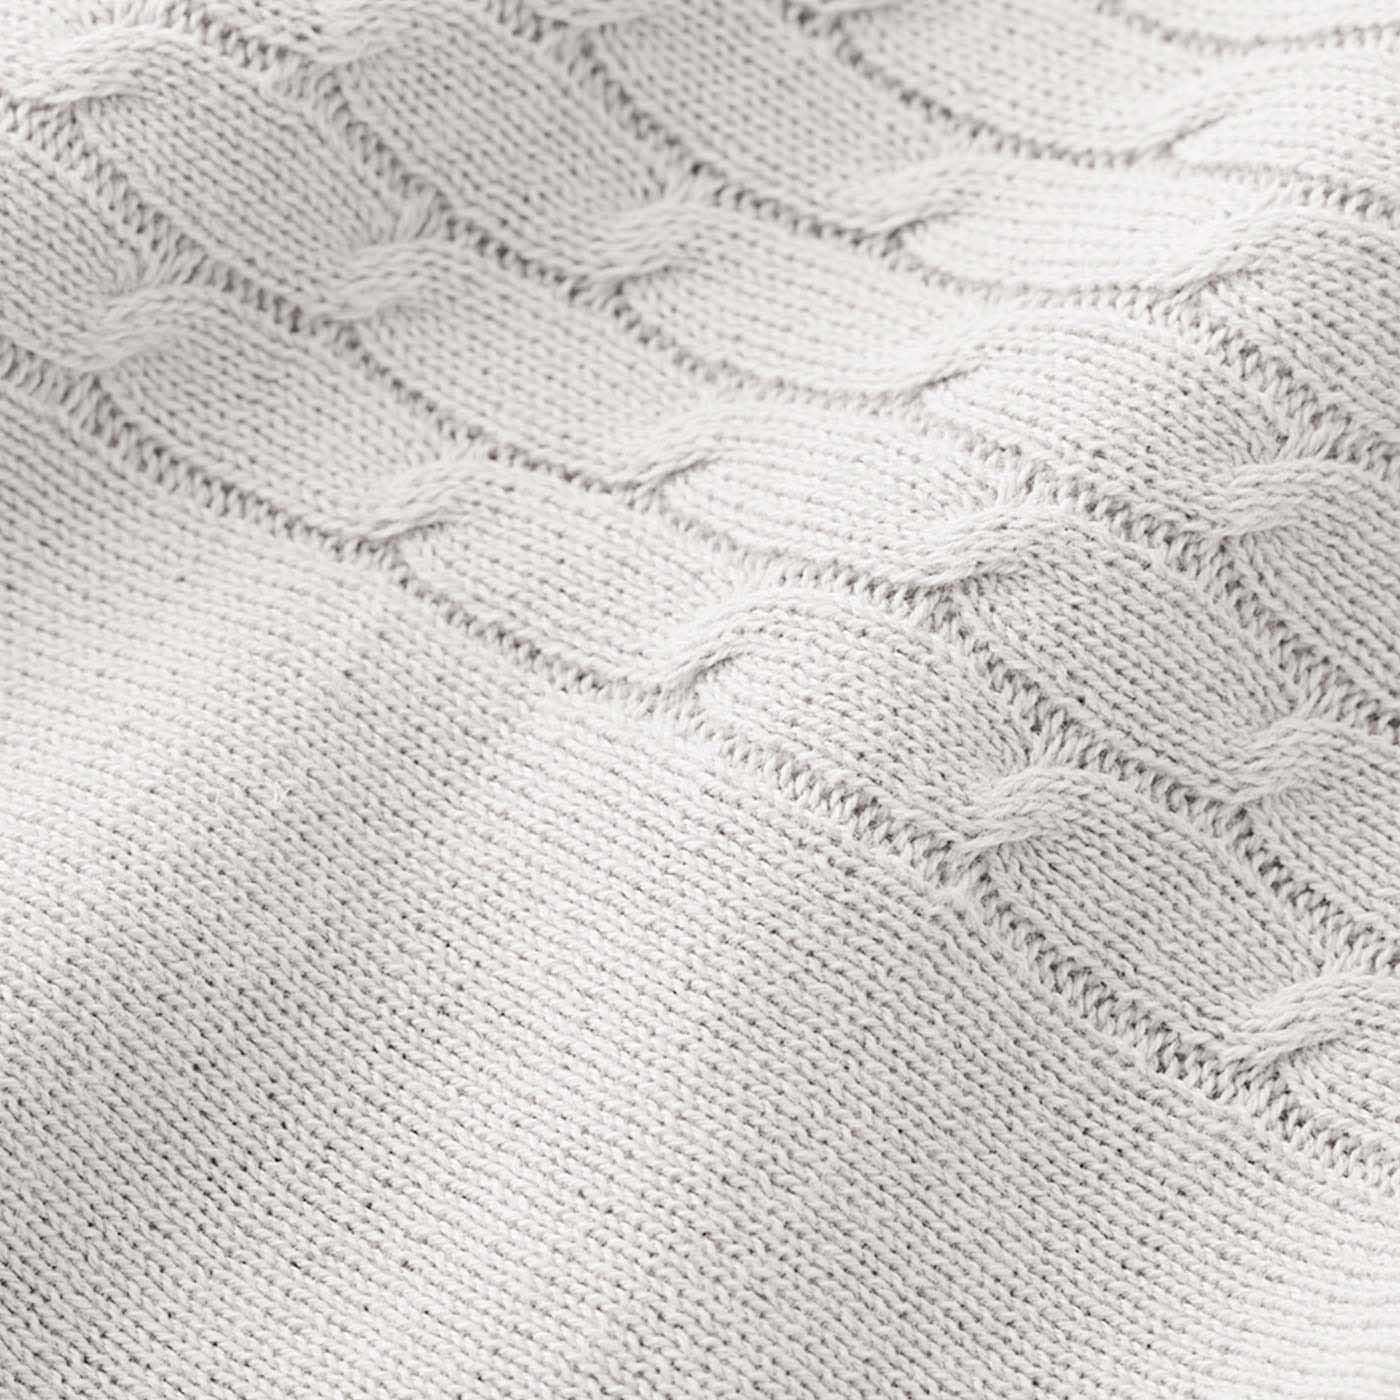 [さらっと春夏仕様の綿混ニット]肌当たりのよいソフトな素材。デコルテと袖は前も後ろも柄編み入り。